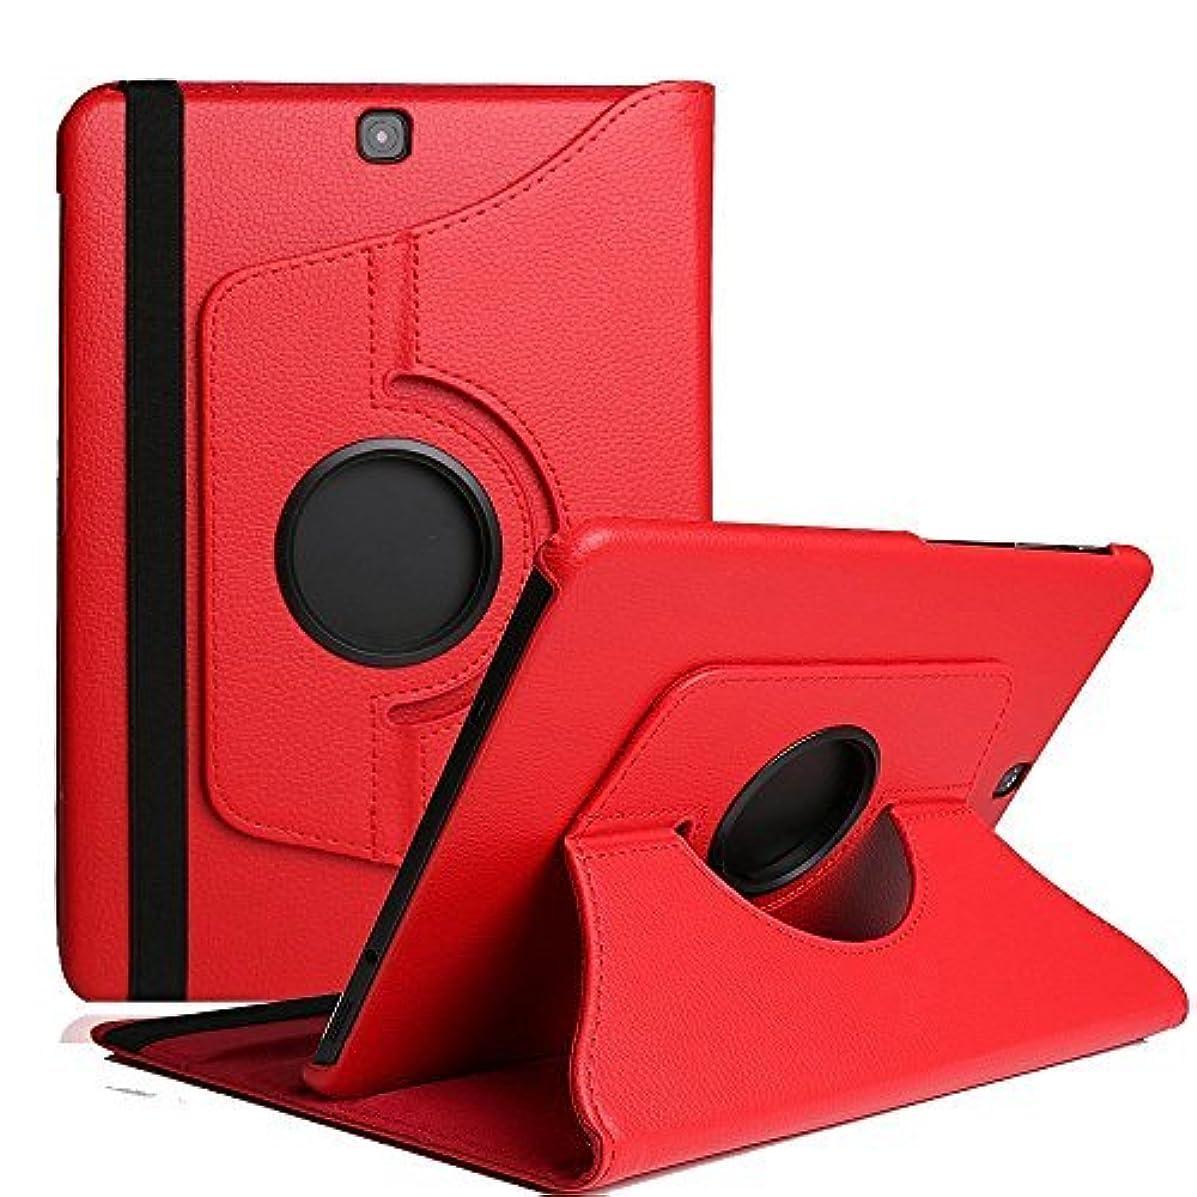 理想的ジャム愚かなクリアケース Galaxy Tab S2 8.0 三つ折り、SIMPLE DO 多機能 軽量 持ち運び便利 マグネット 生活防水 盗難防止 SM-T710/SM-T715対応(レッド)